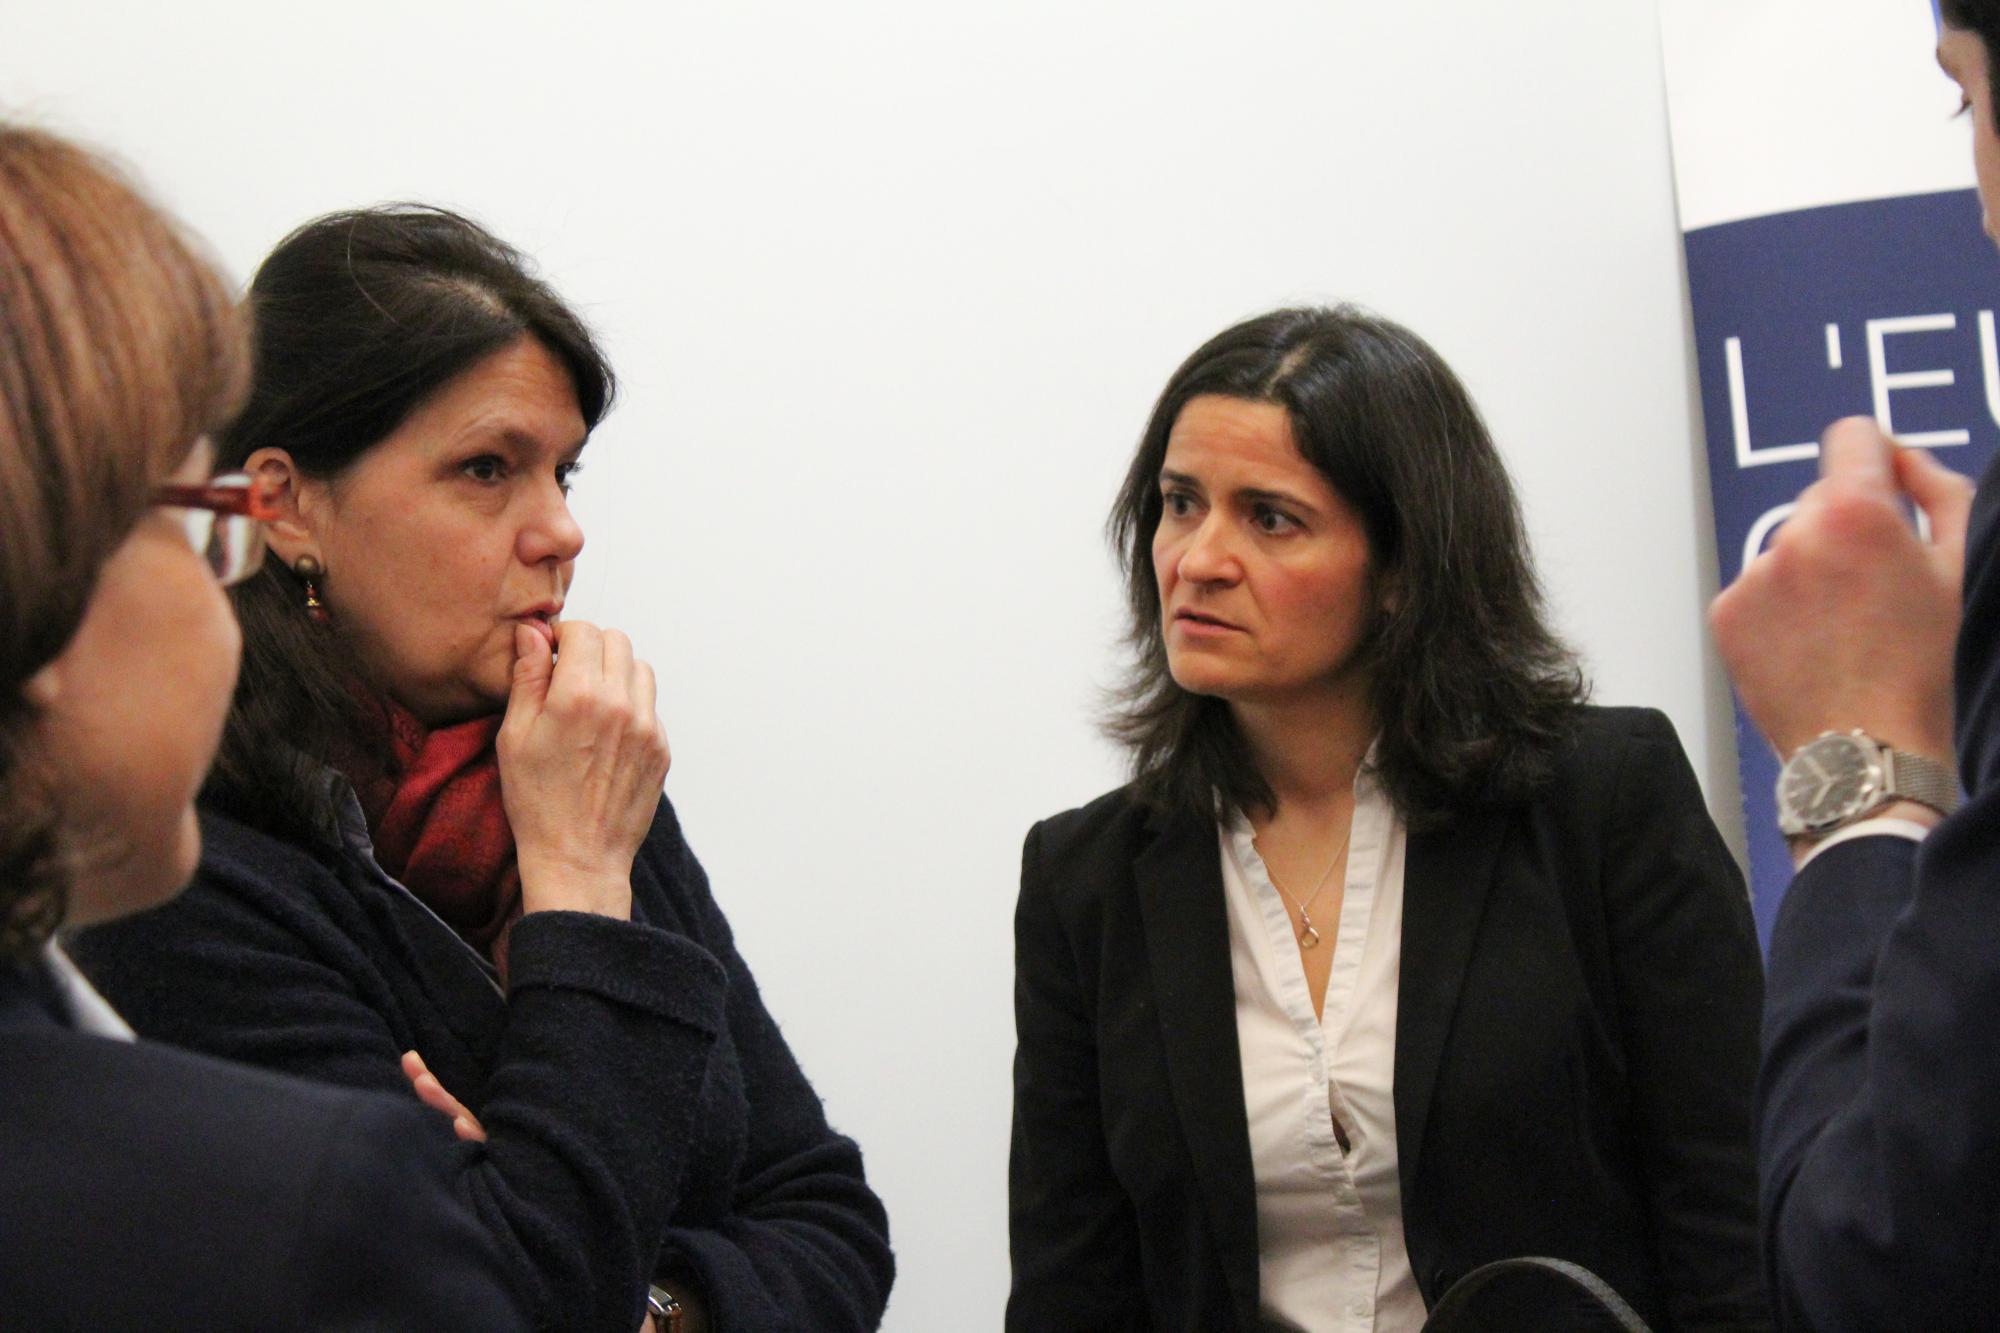 Marie de Saint-Chéron, Directrice des Affaires Européennes et Multilatérales et Marie DANCER, Journaliste chargée de l'actualité́ économique européenne et française au journal La Croix